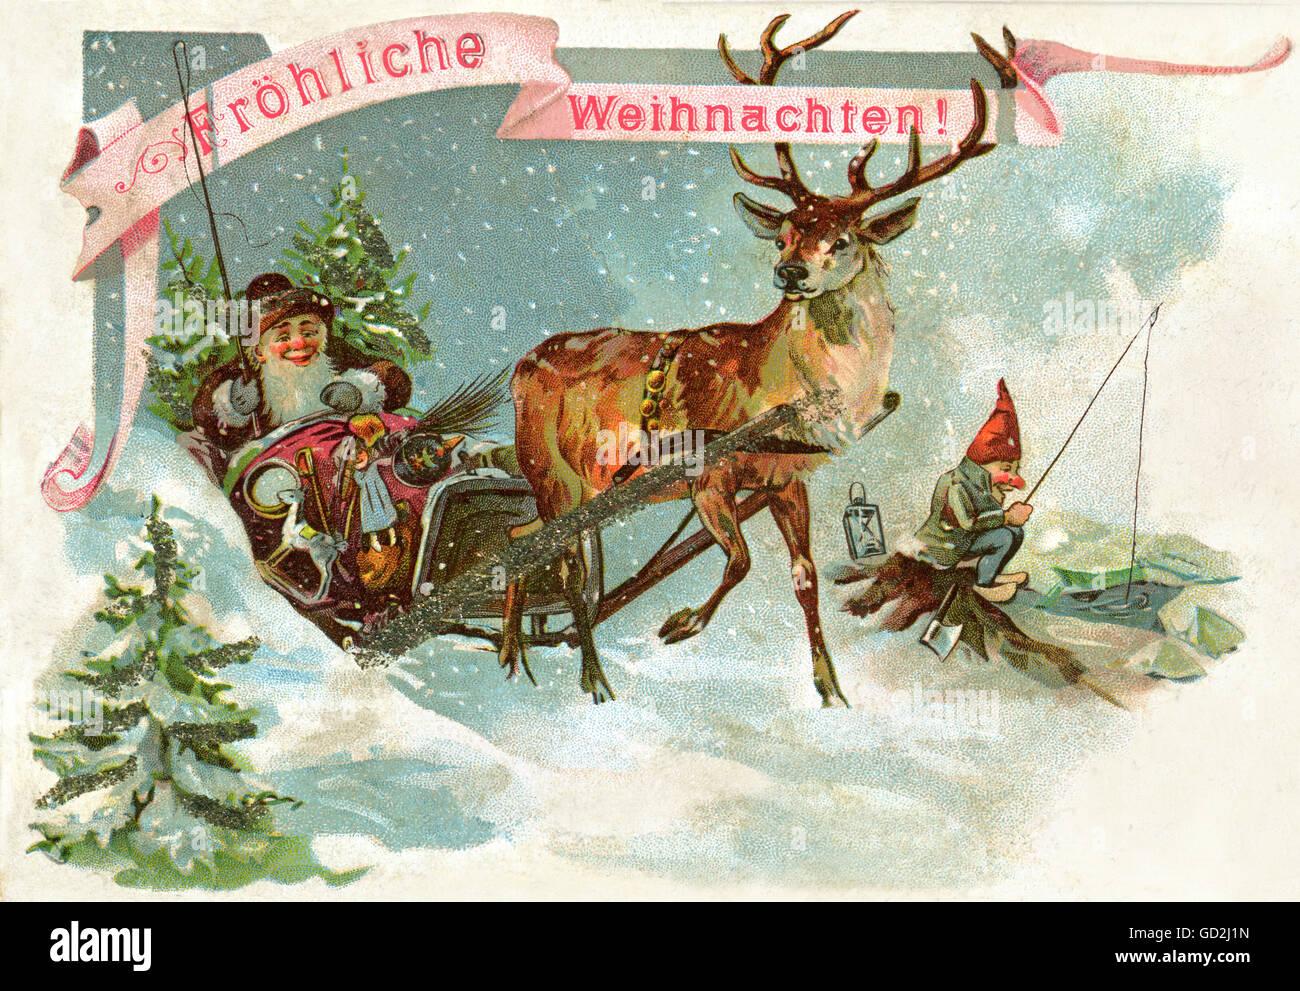 Frohe Weihnachten Aus Deutschland.Weihnachten Weihnachtsmann Frohe Weihnachten Postkarte